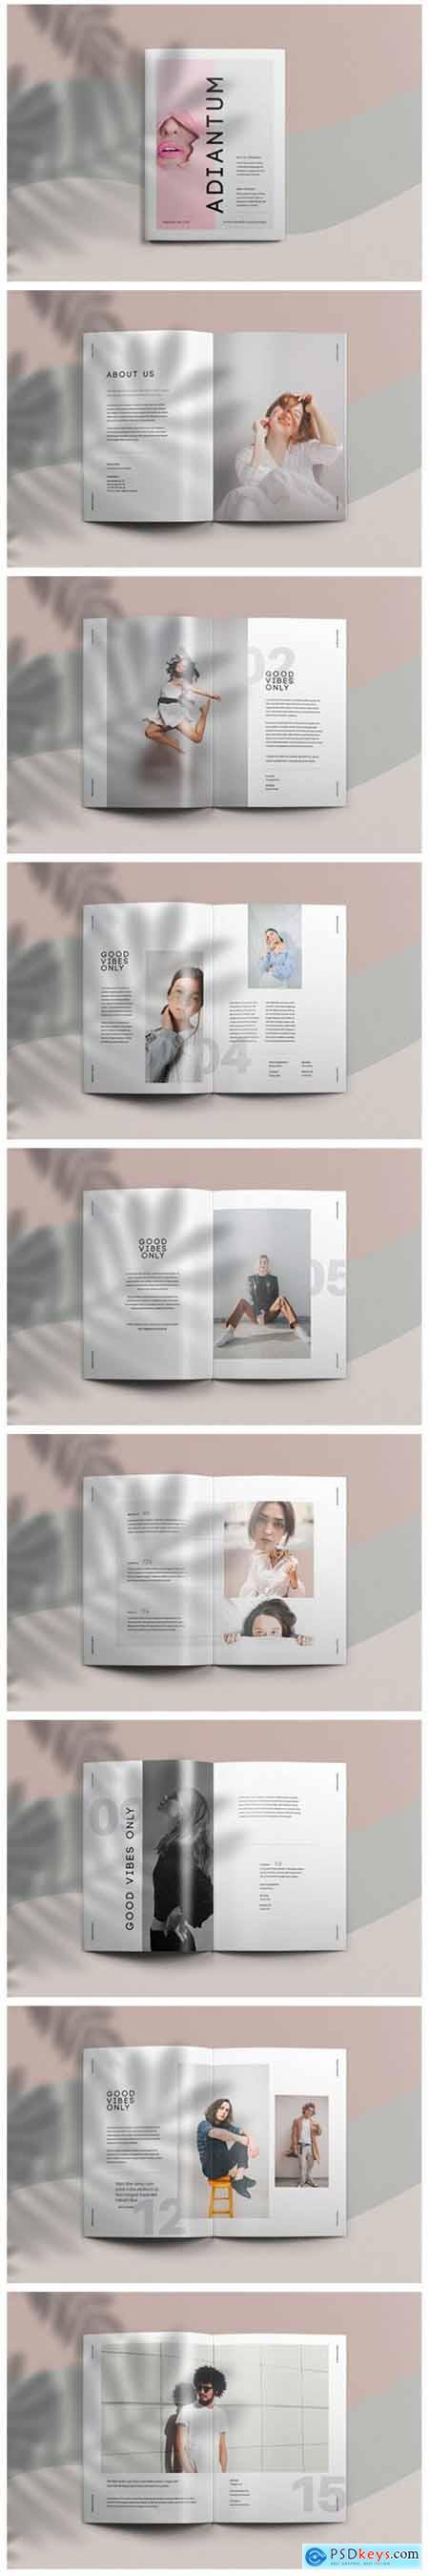 Adiantum - Magazine Template 15496099